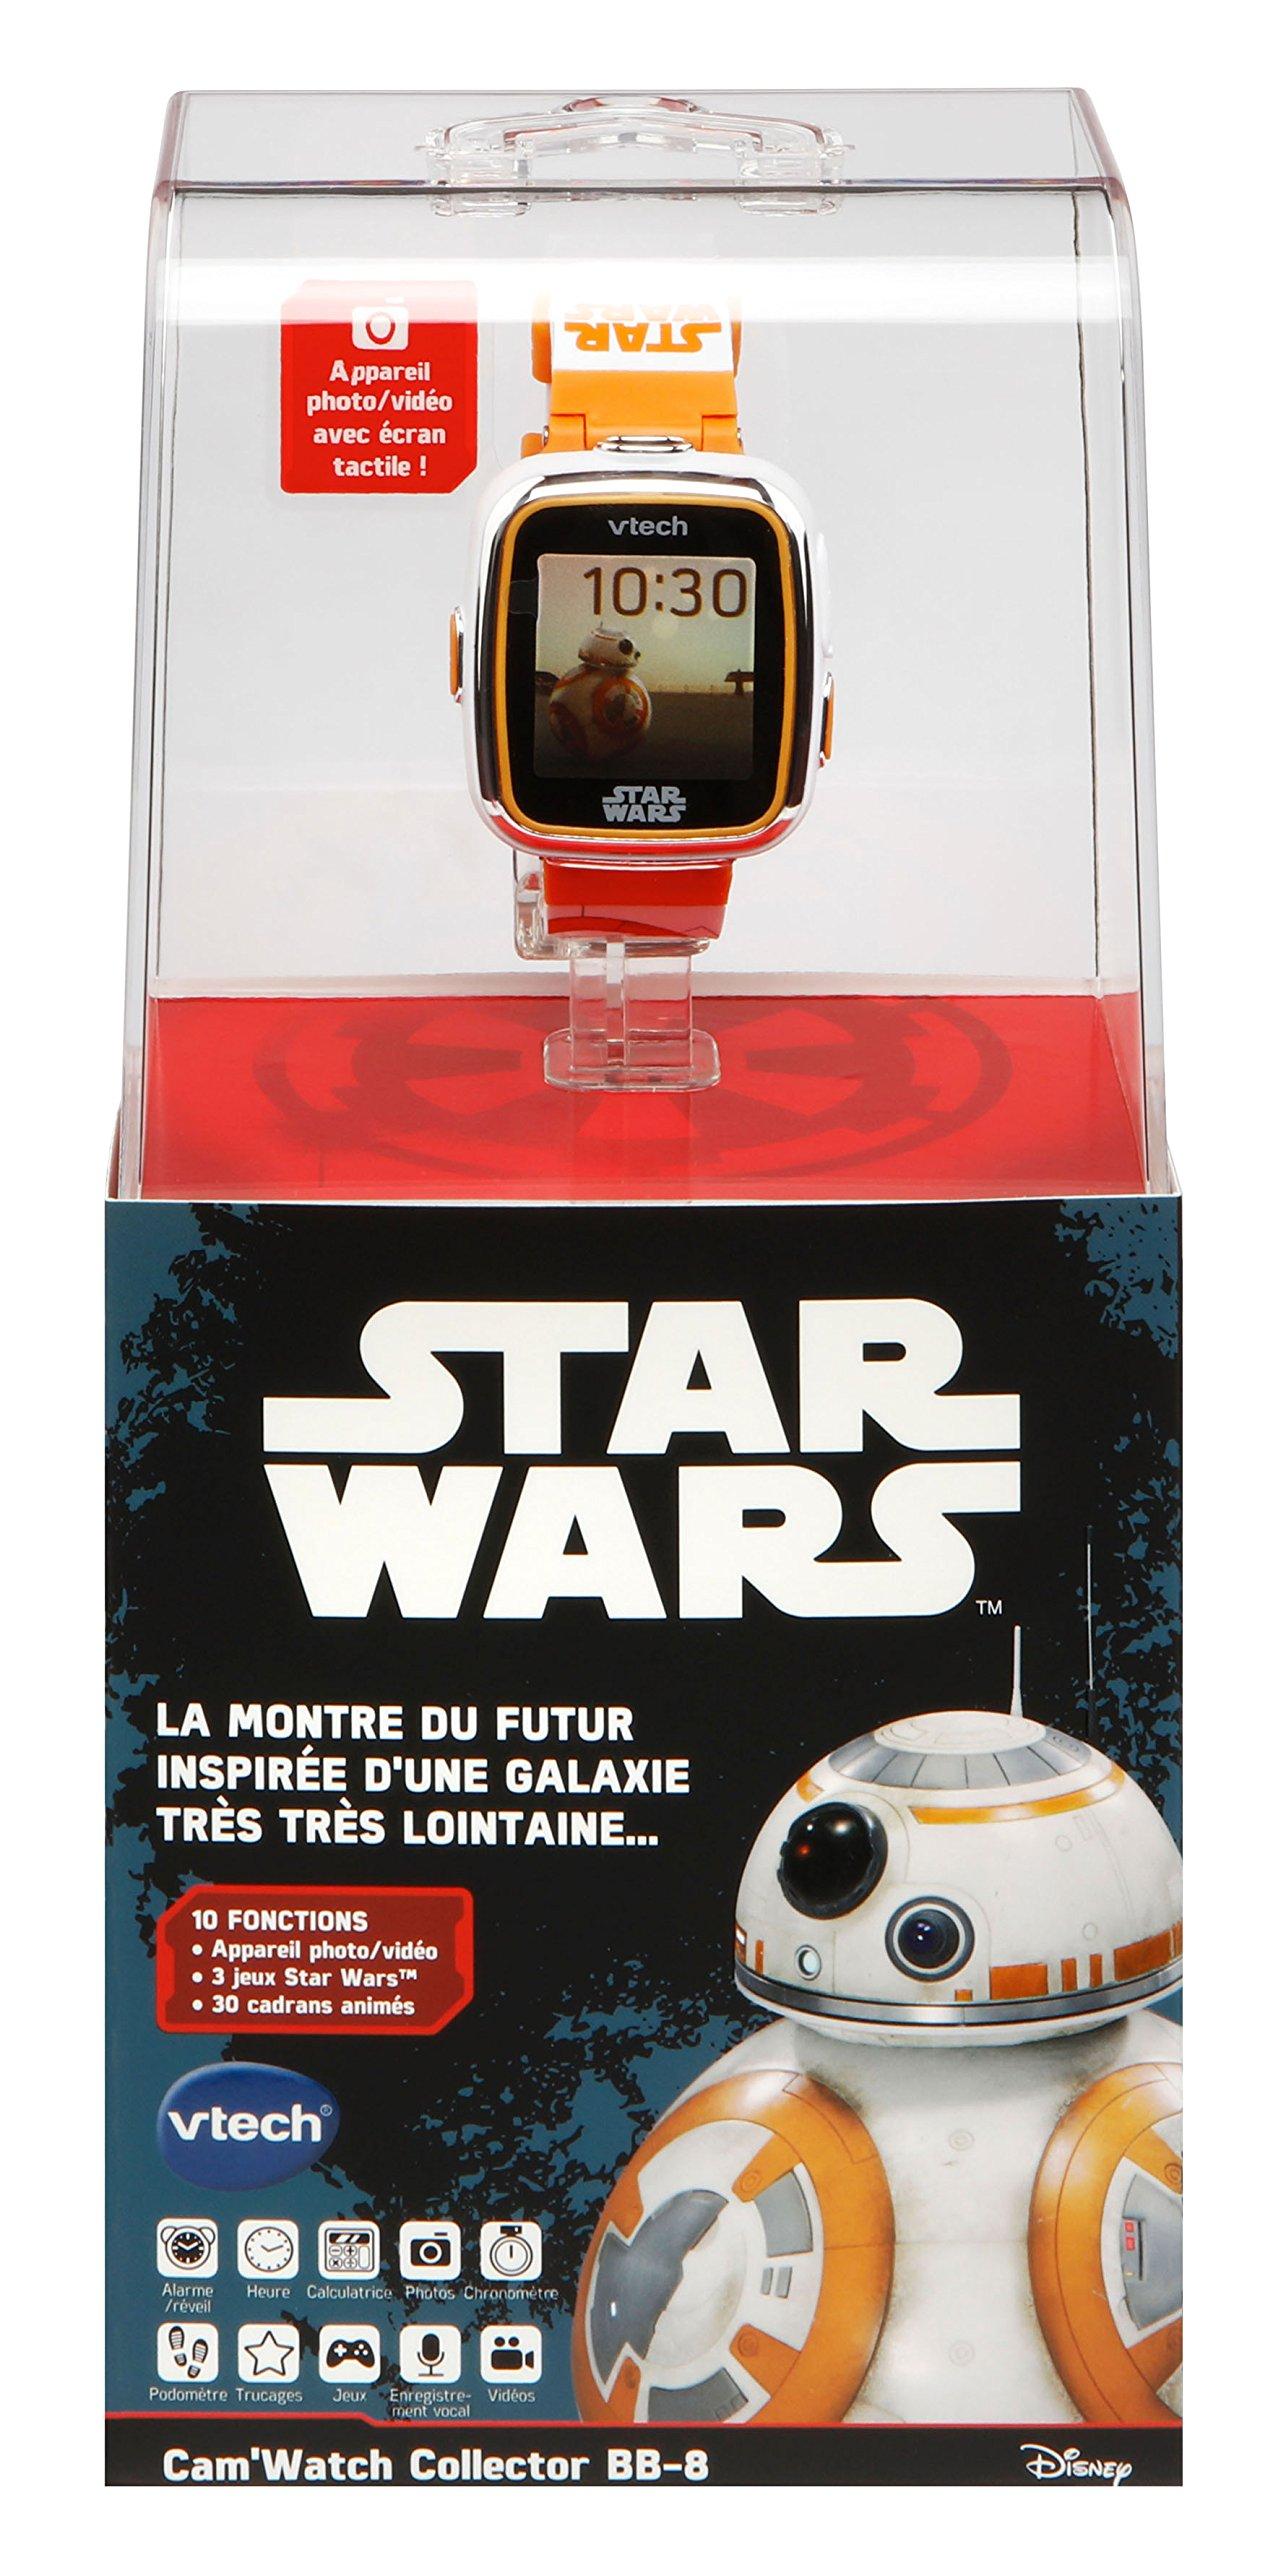 VTech Star Wars – Cam'watch Collector BB8 – Electrónica para niños (5 año(s), Litio, 127 mm, 87 mm, 279 mm, 440 g)